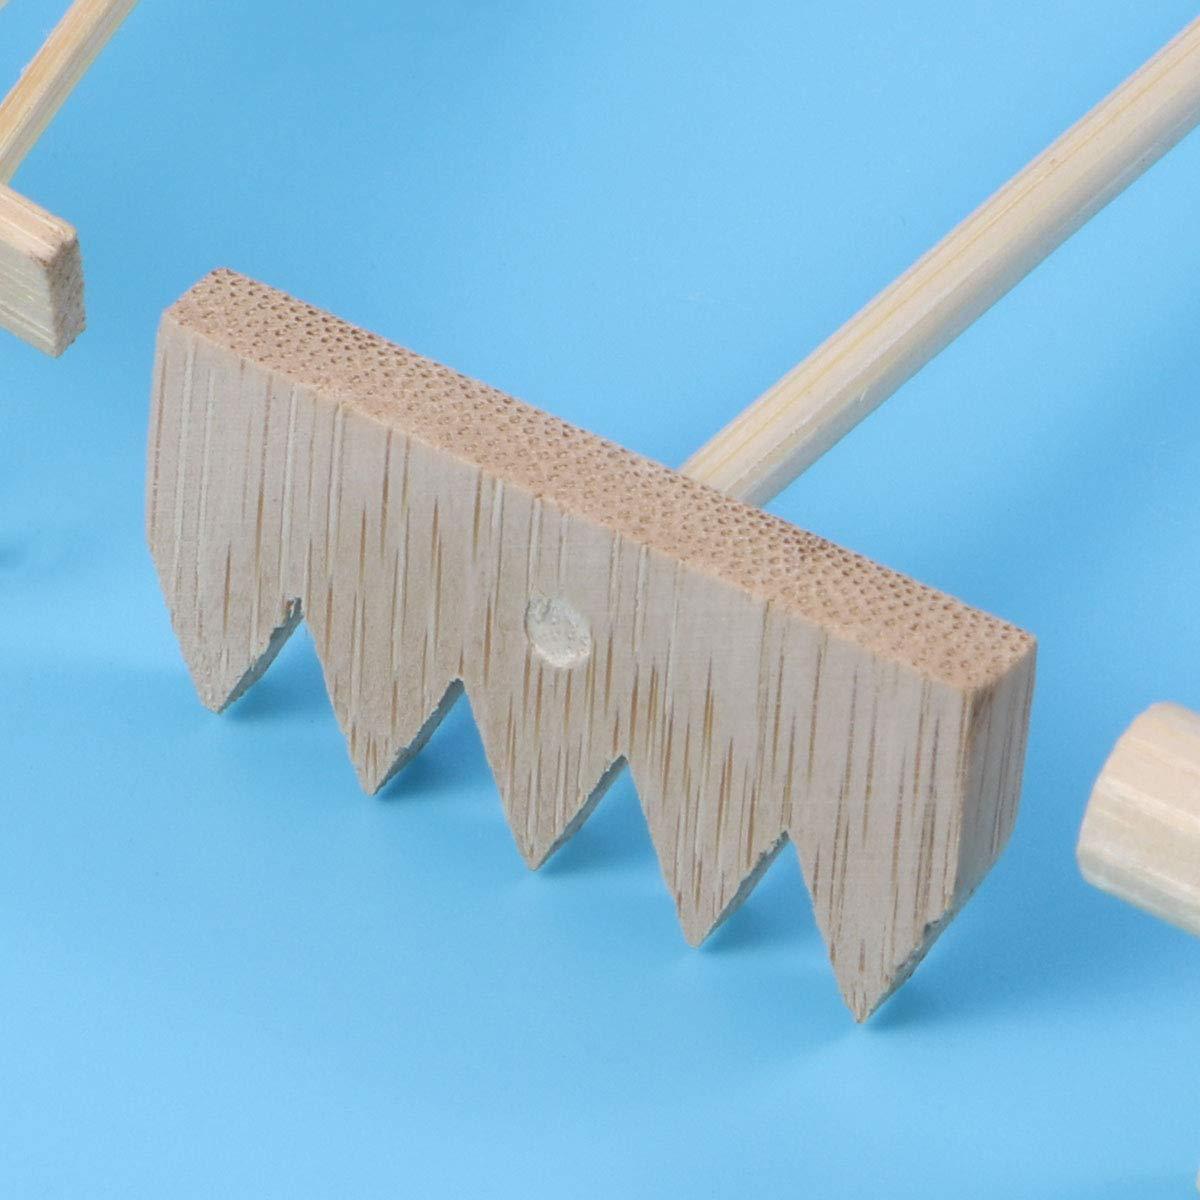 3Pcs Mini Rake for Zen Garden Sand Tabletop Meditation Feng Shui Decor